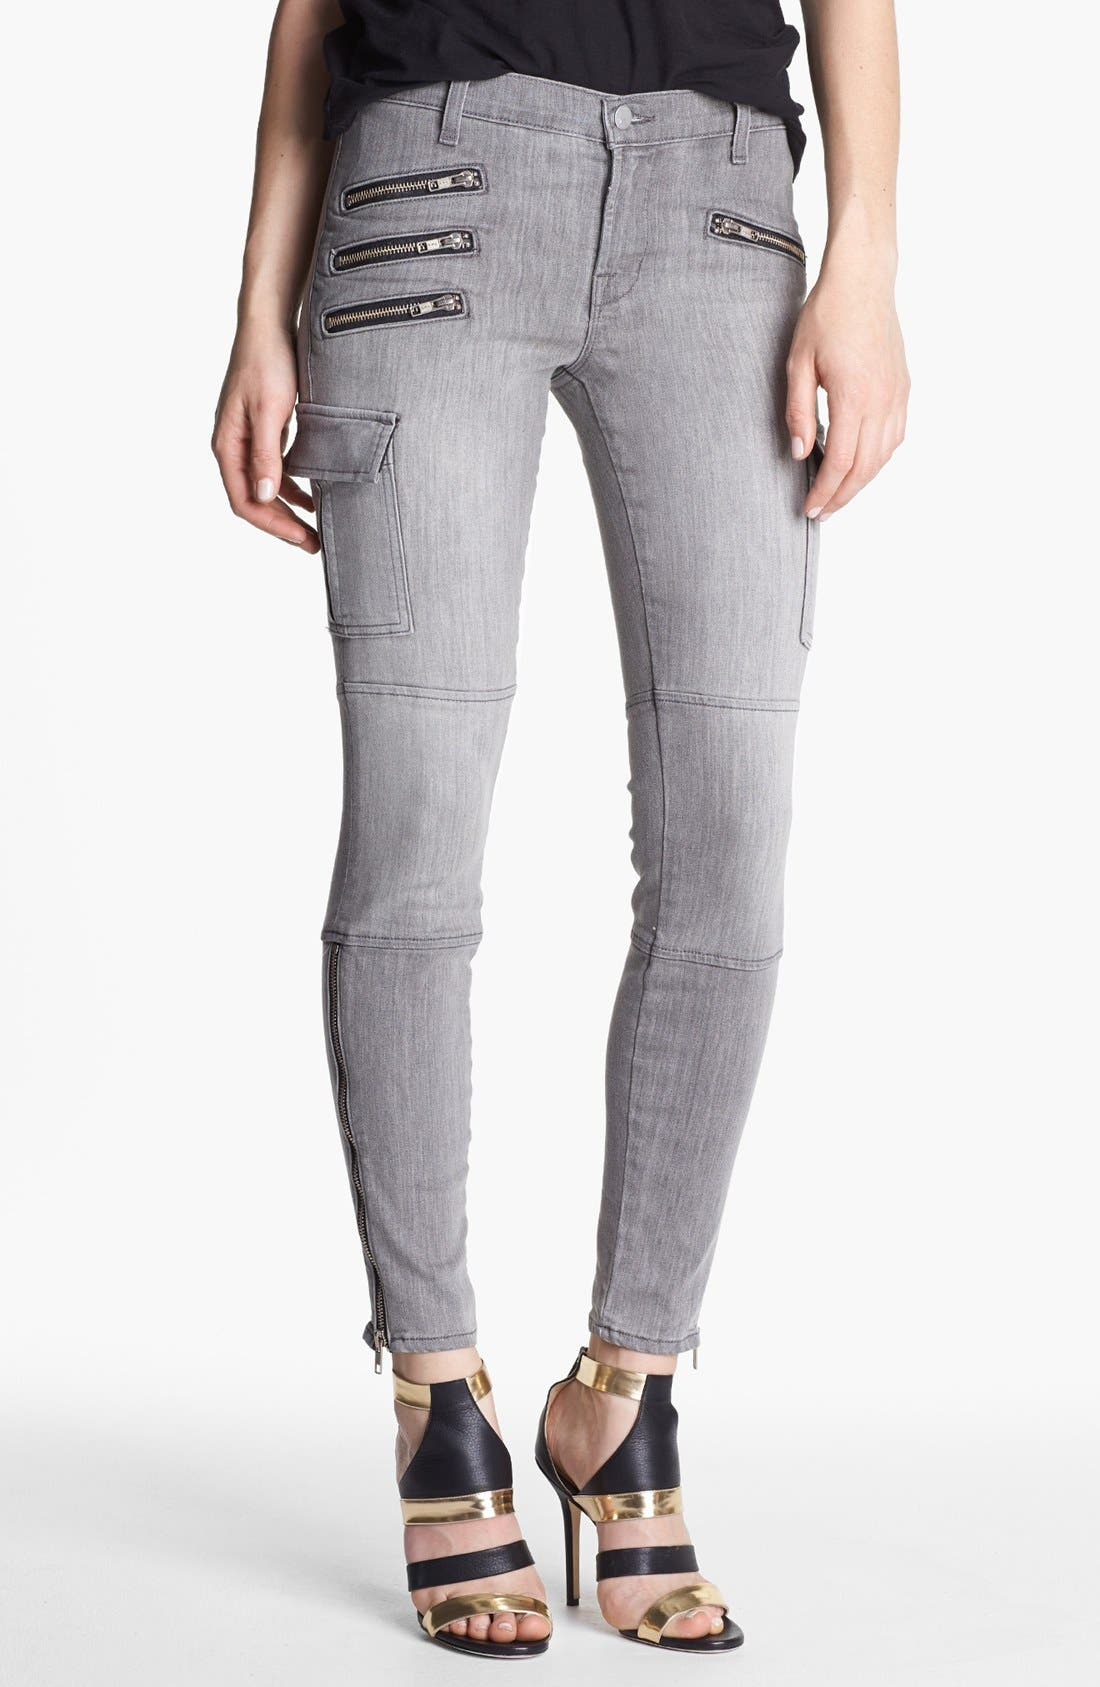 Alternate Image 1 Selected - J Brand 'The Brix' Moto Skinny Pants (Lunar)